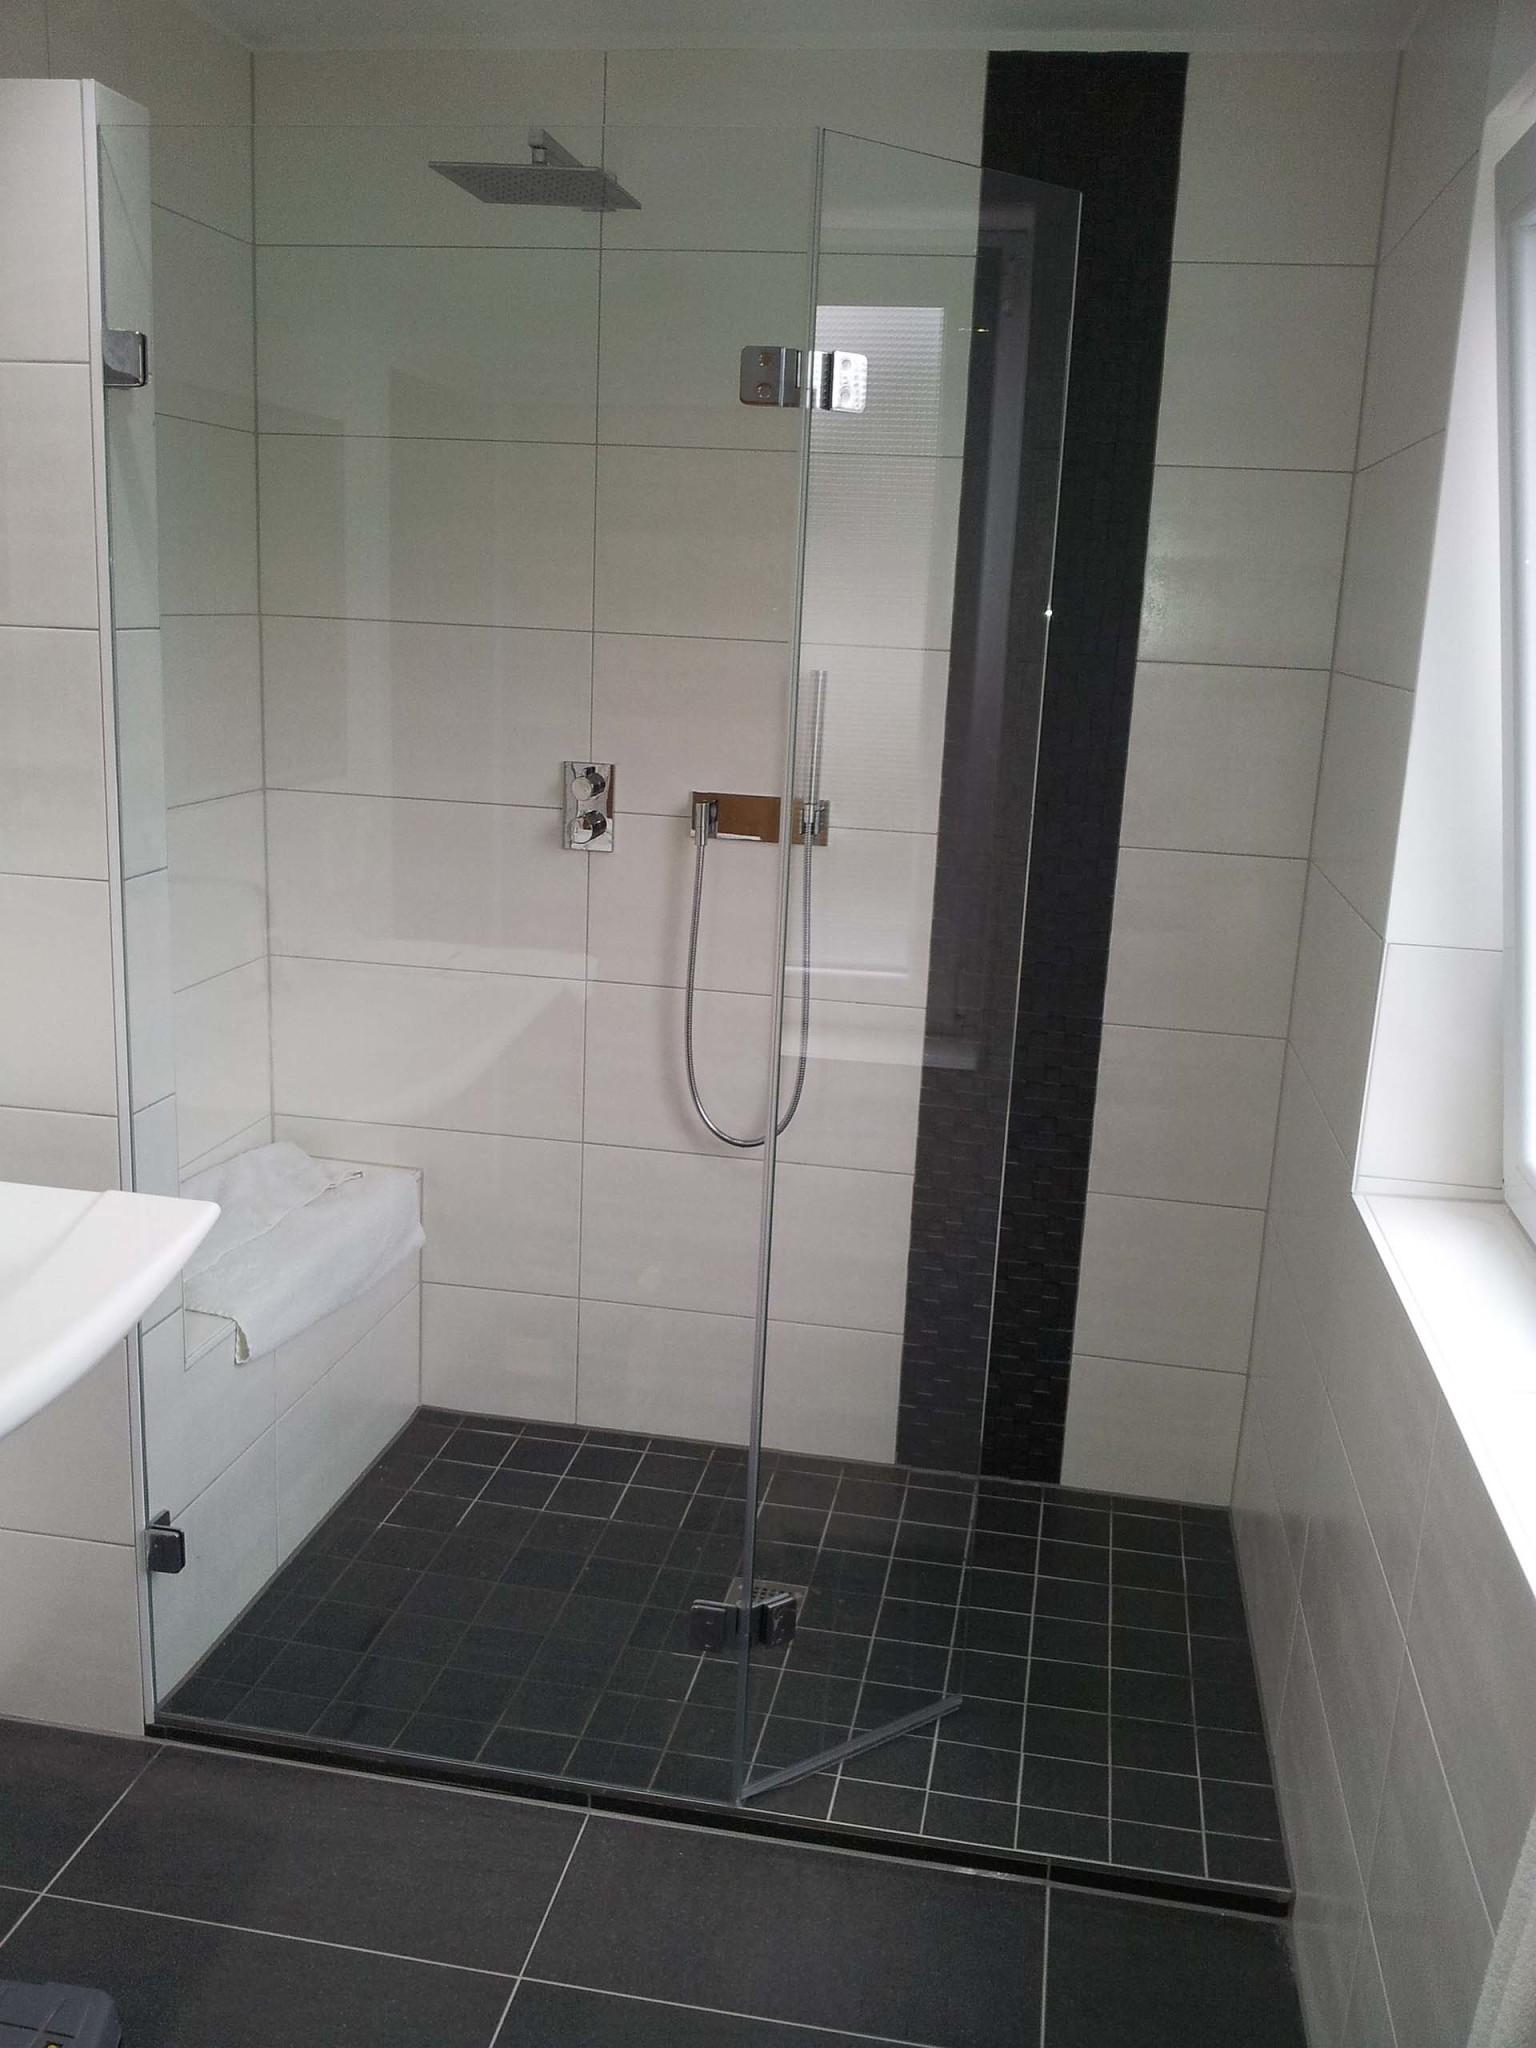 Walk In Dusche mit schmaler Türe im 45° Winkel zum nach innen wegklappen